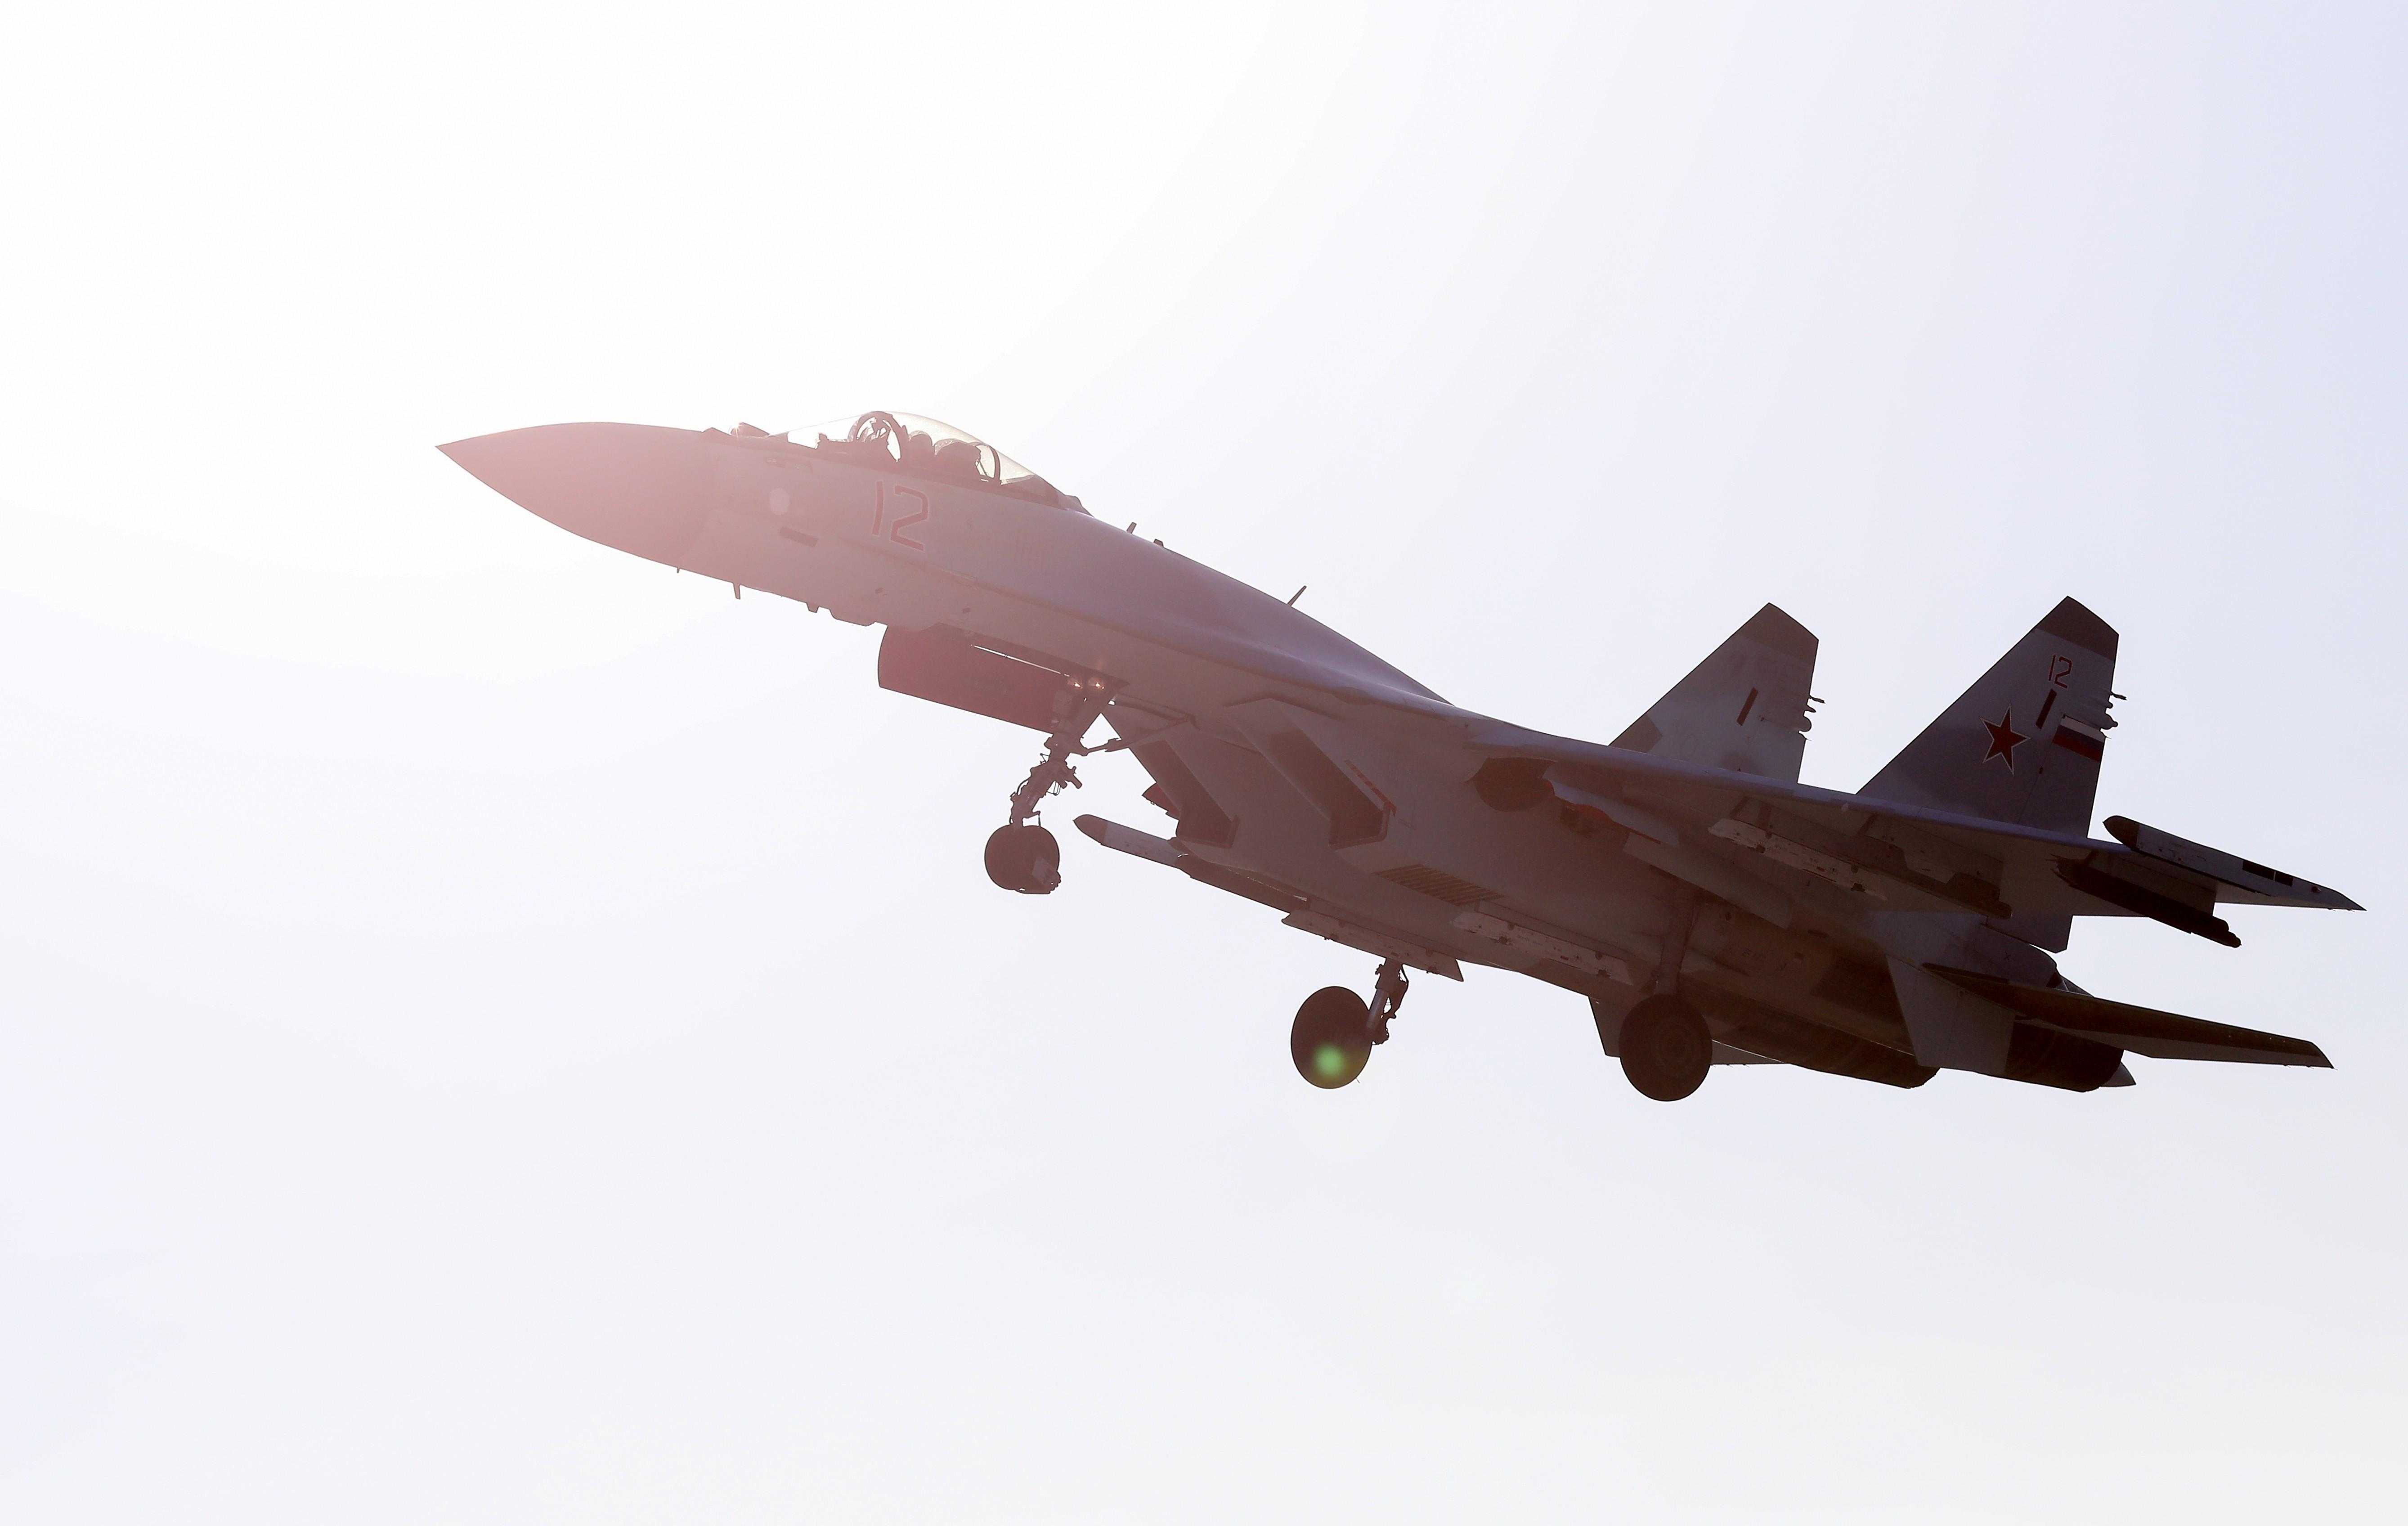 <p>Истребитель Су-35С. Фото: &copy;РИА Новости/Антон Балашов</p>